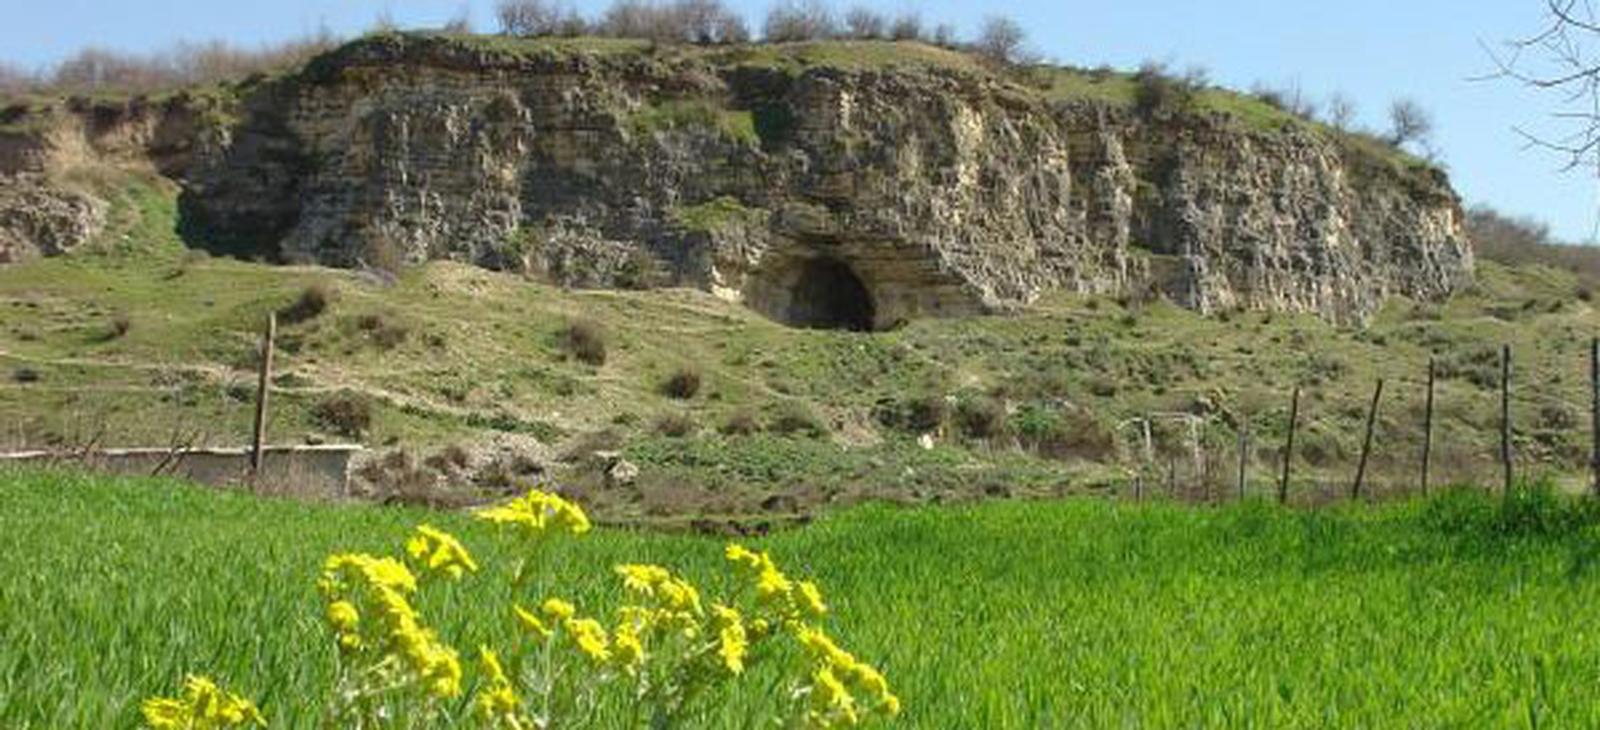 غار هوتو در بهشهر مازندران